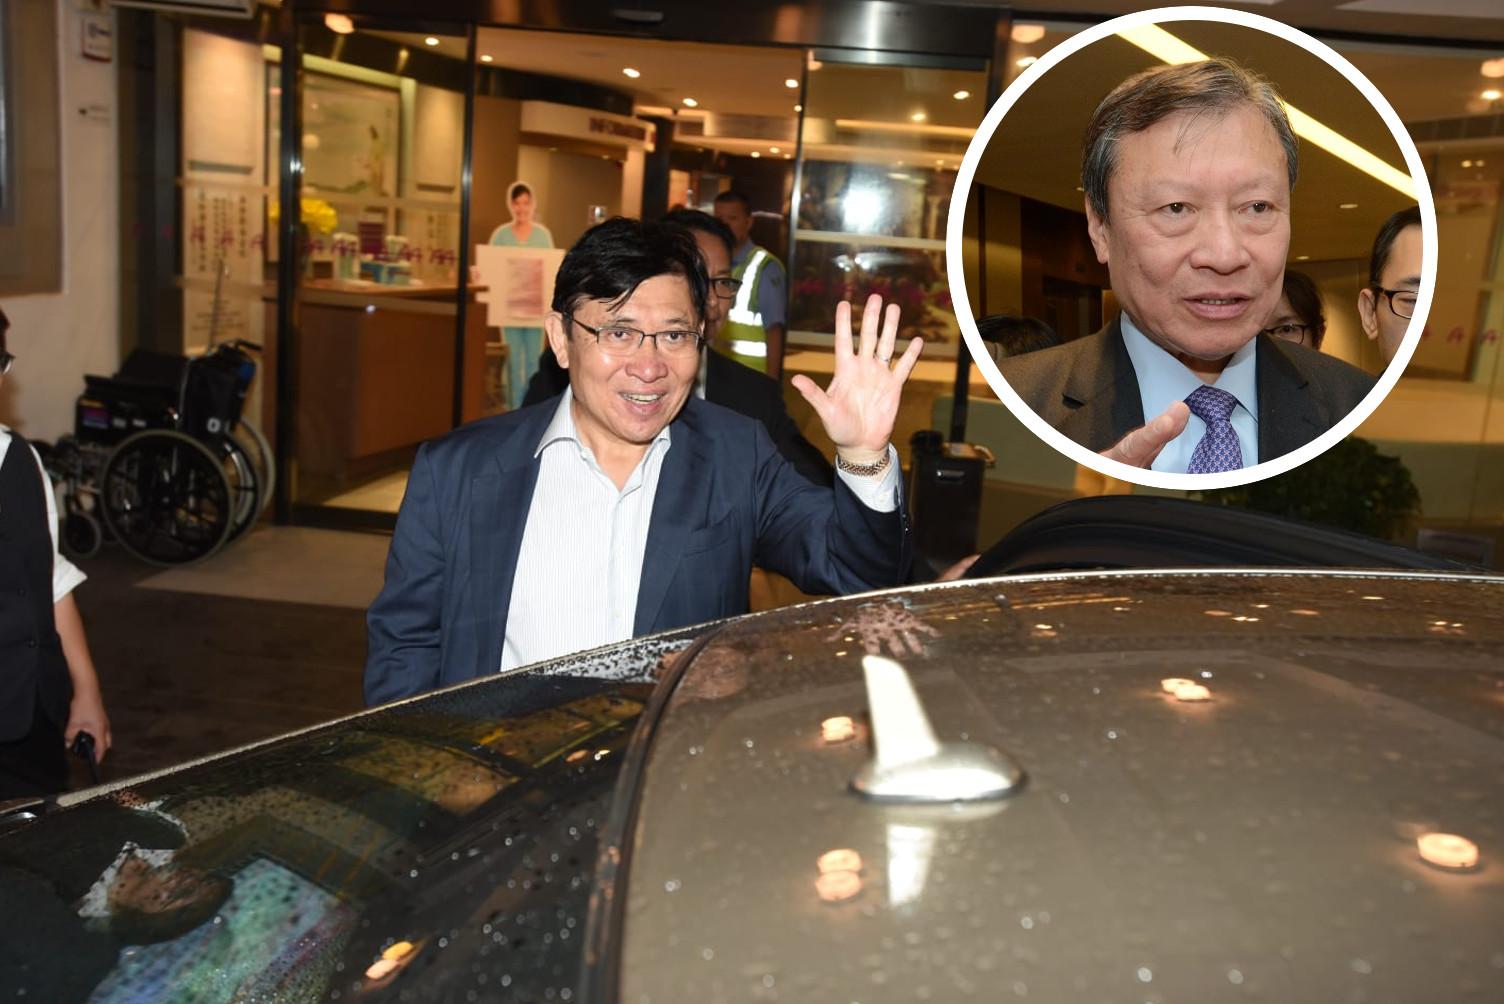 郭炳聯向傳媒表示,醫生仍監察郭炳湘(小圖)情況,多謝關心。楊偉亨攝